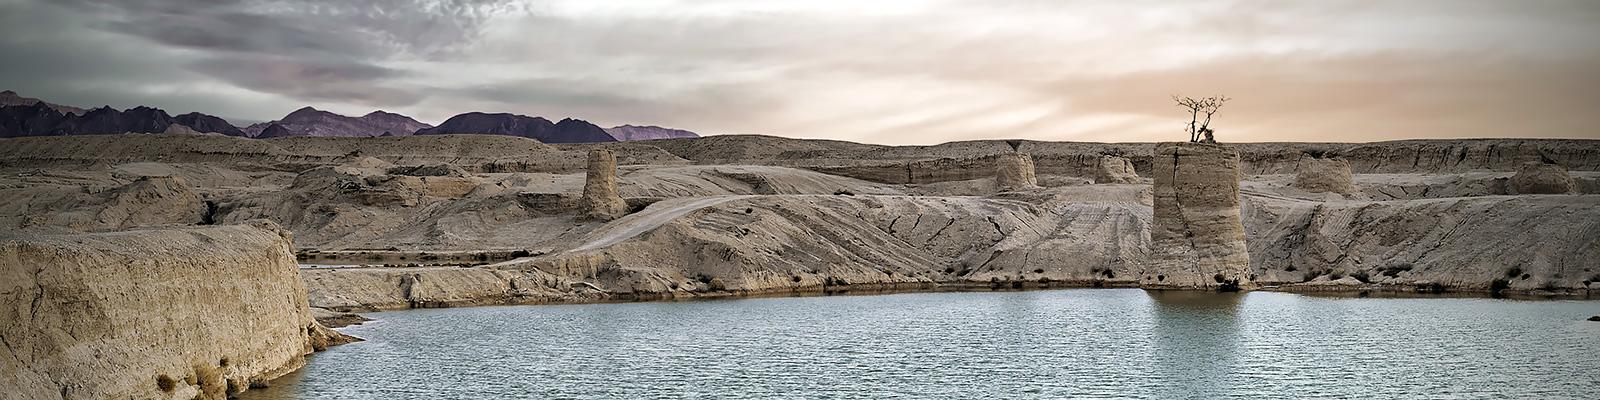 イスラエル 砂漠 水 イメージ